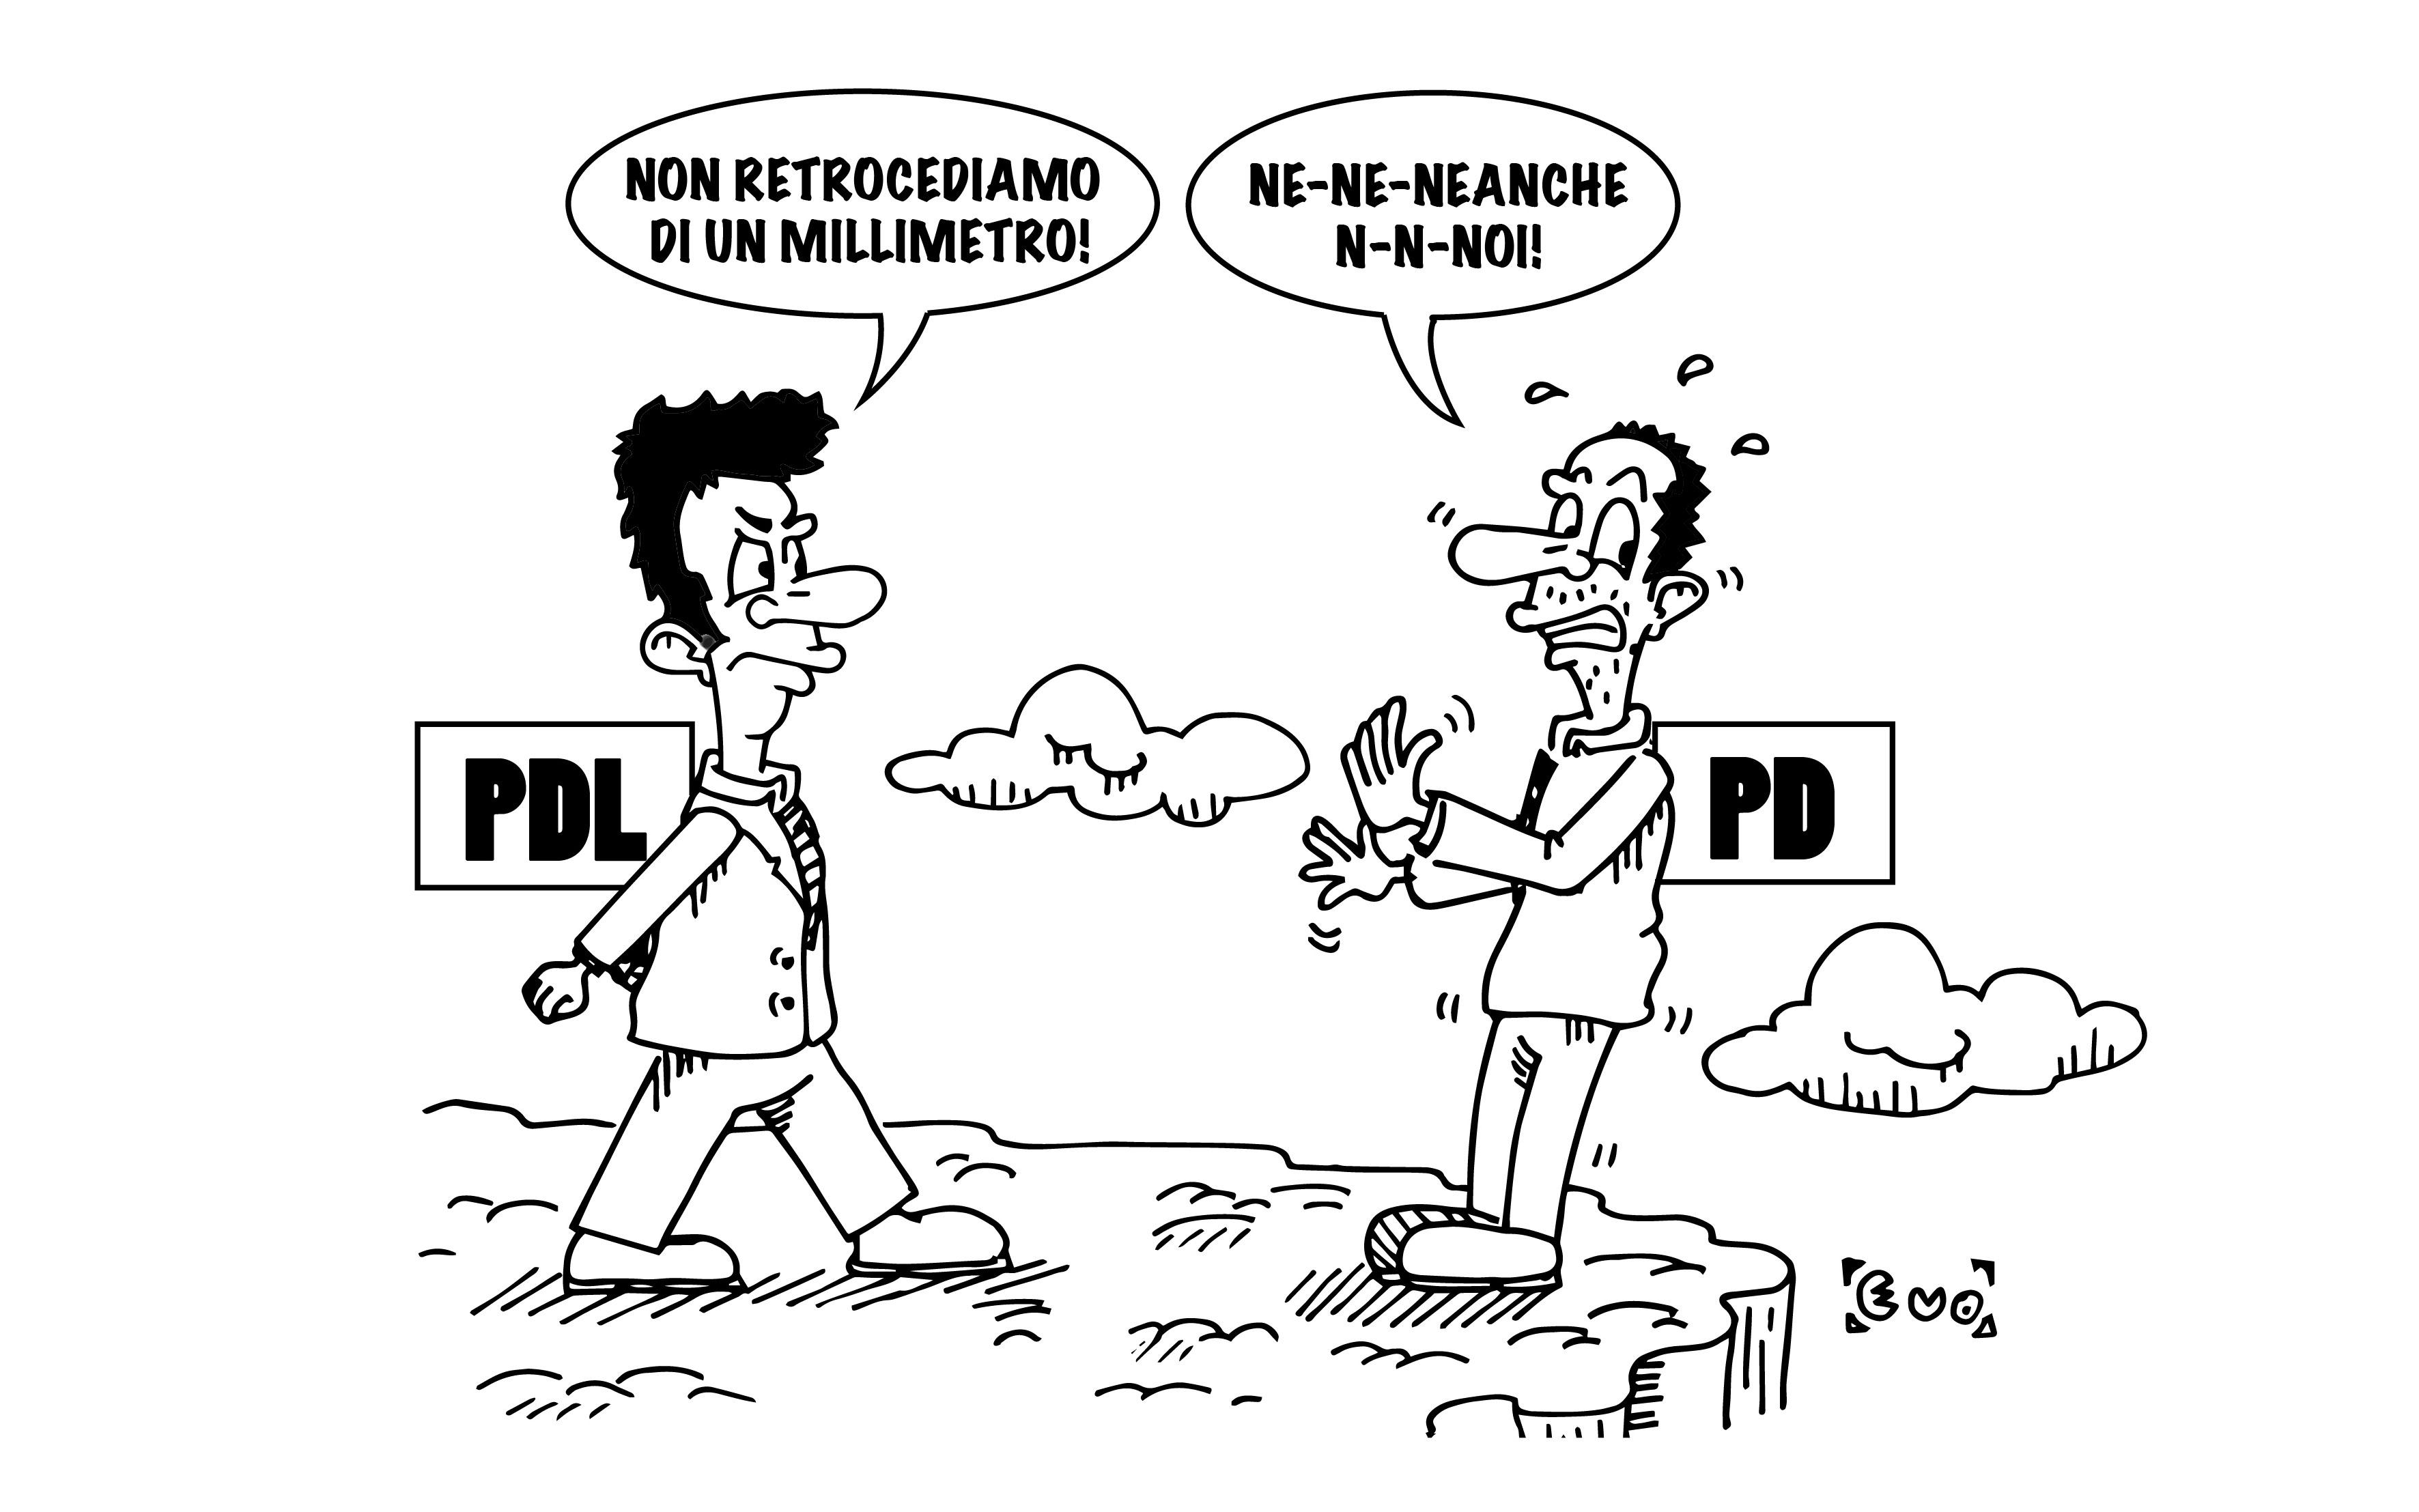 Vignetta di Evo